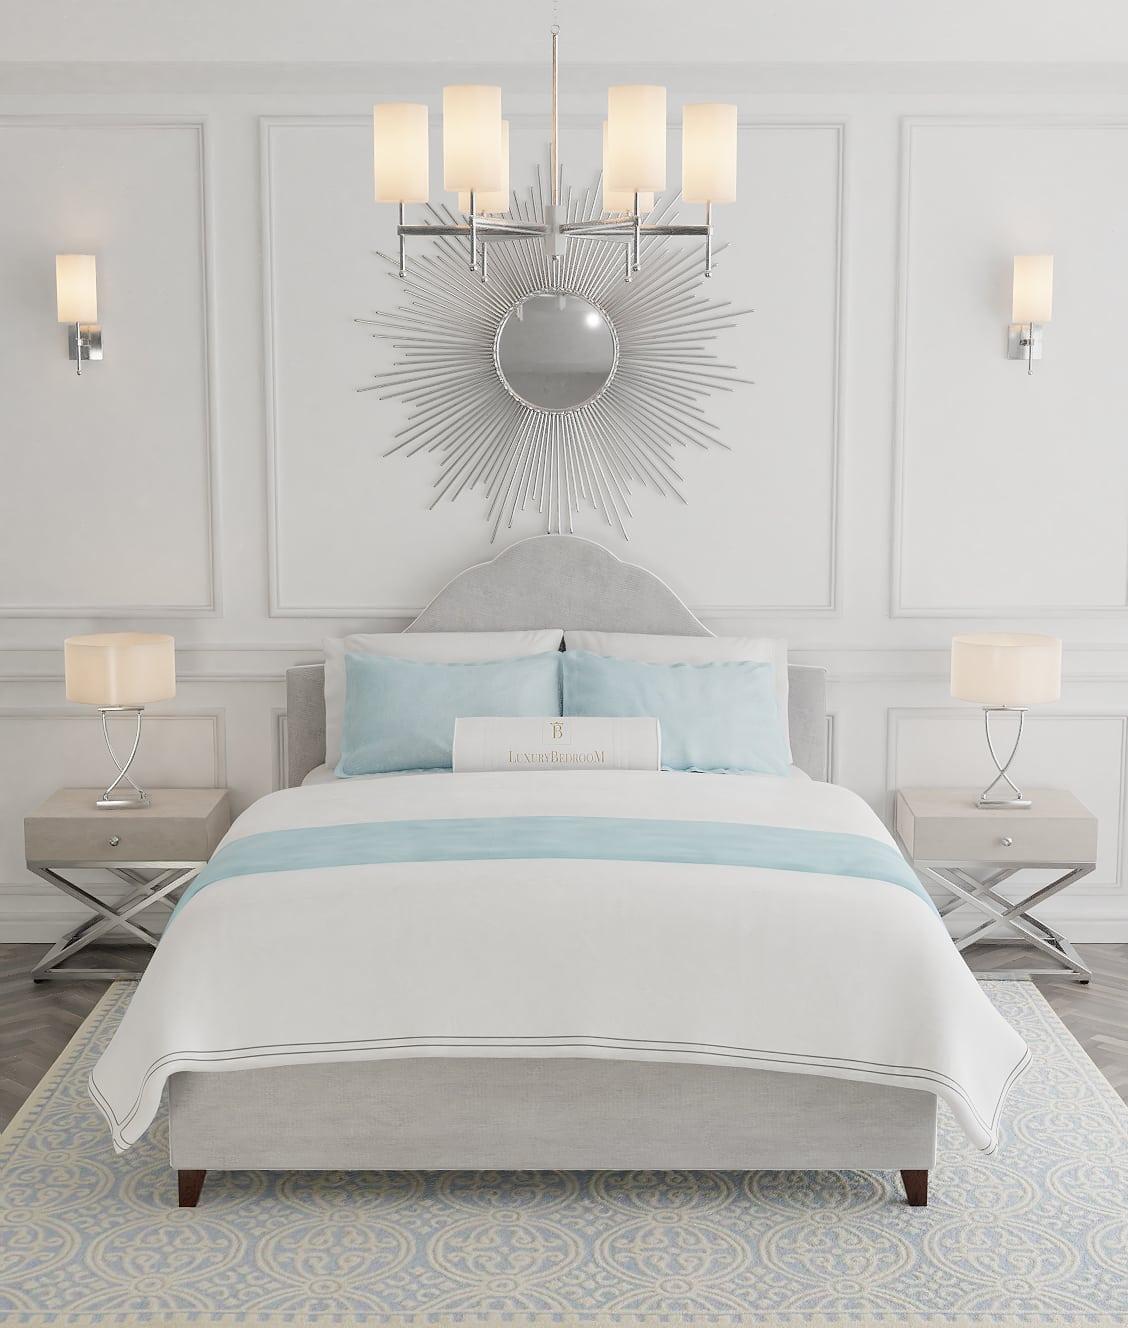 łóżko tapicerowane z wezgłowiem w stylu glamour